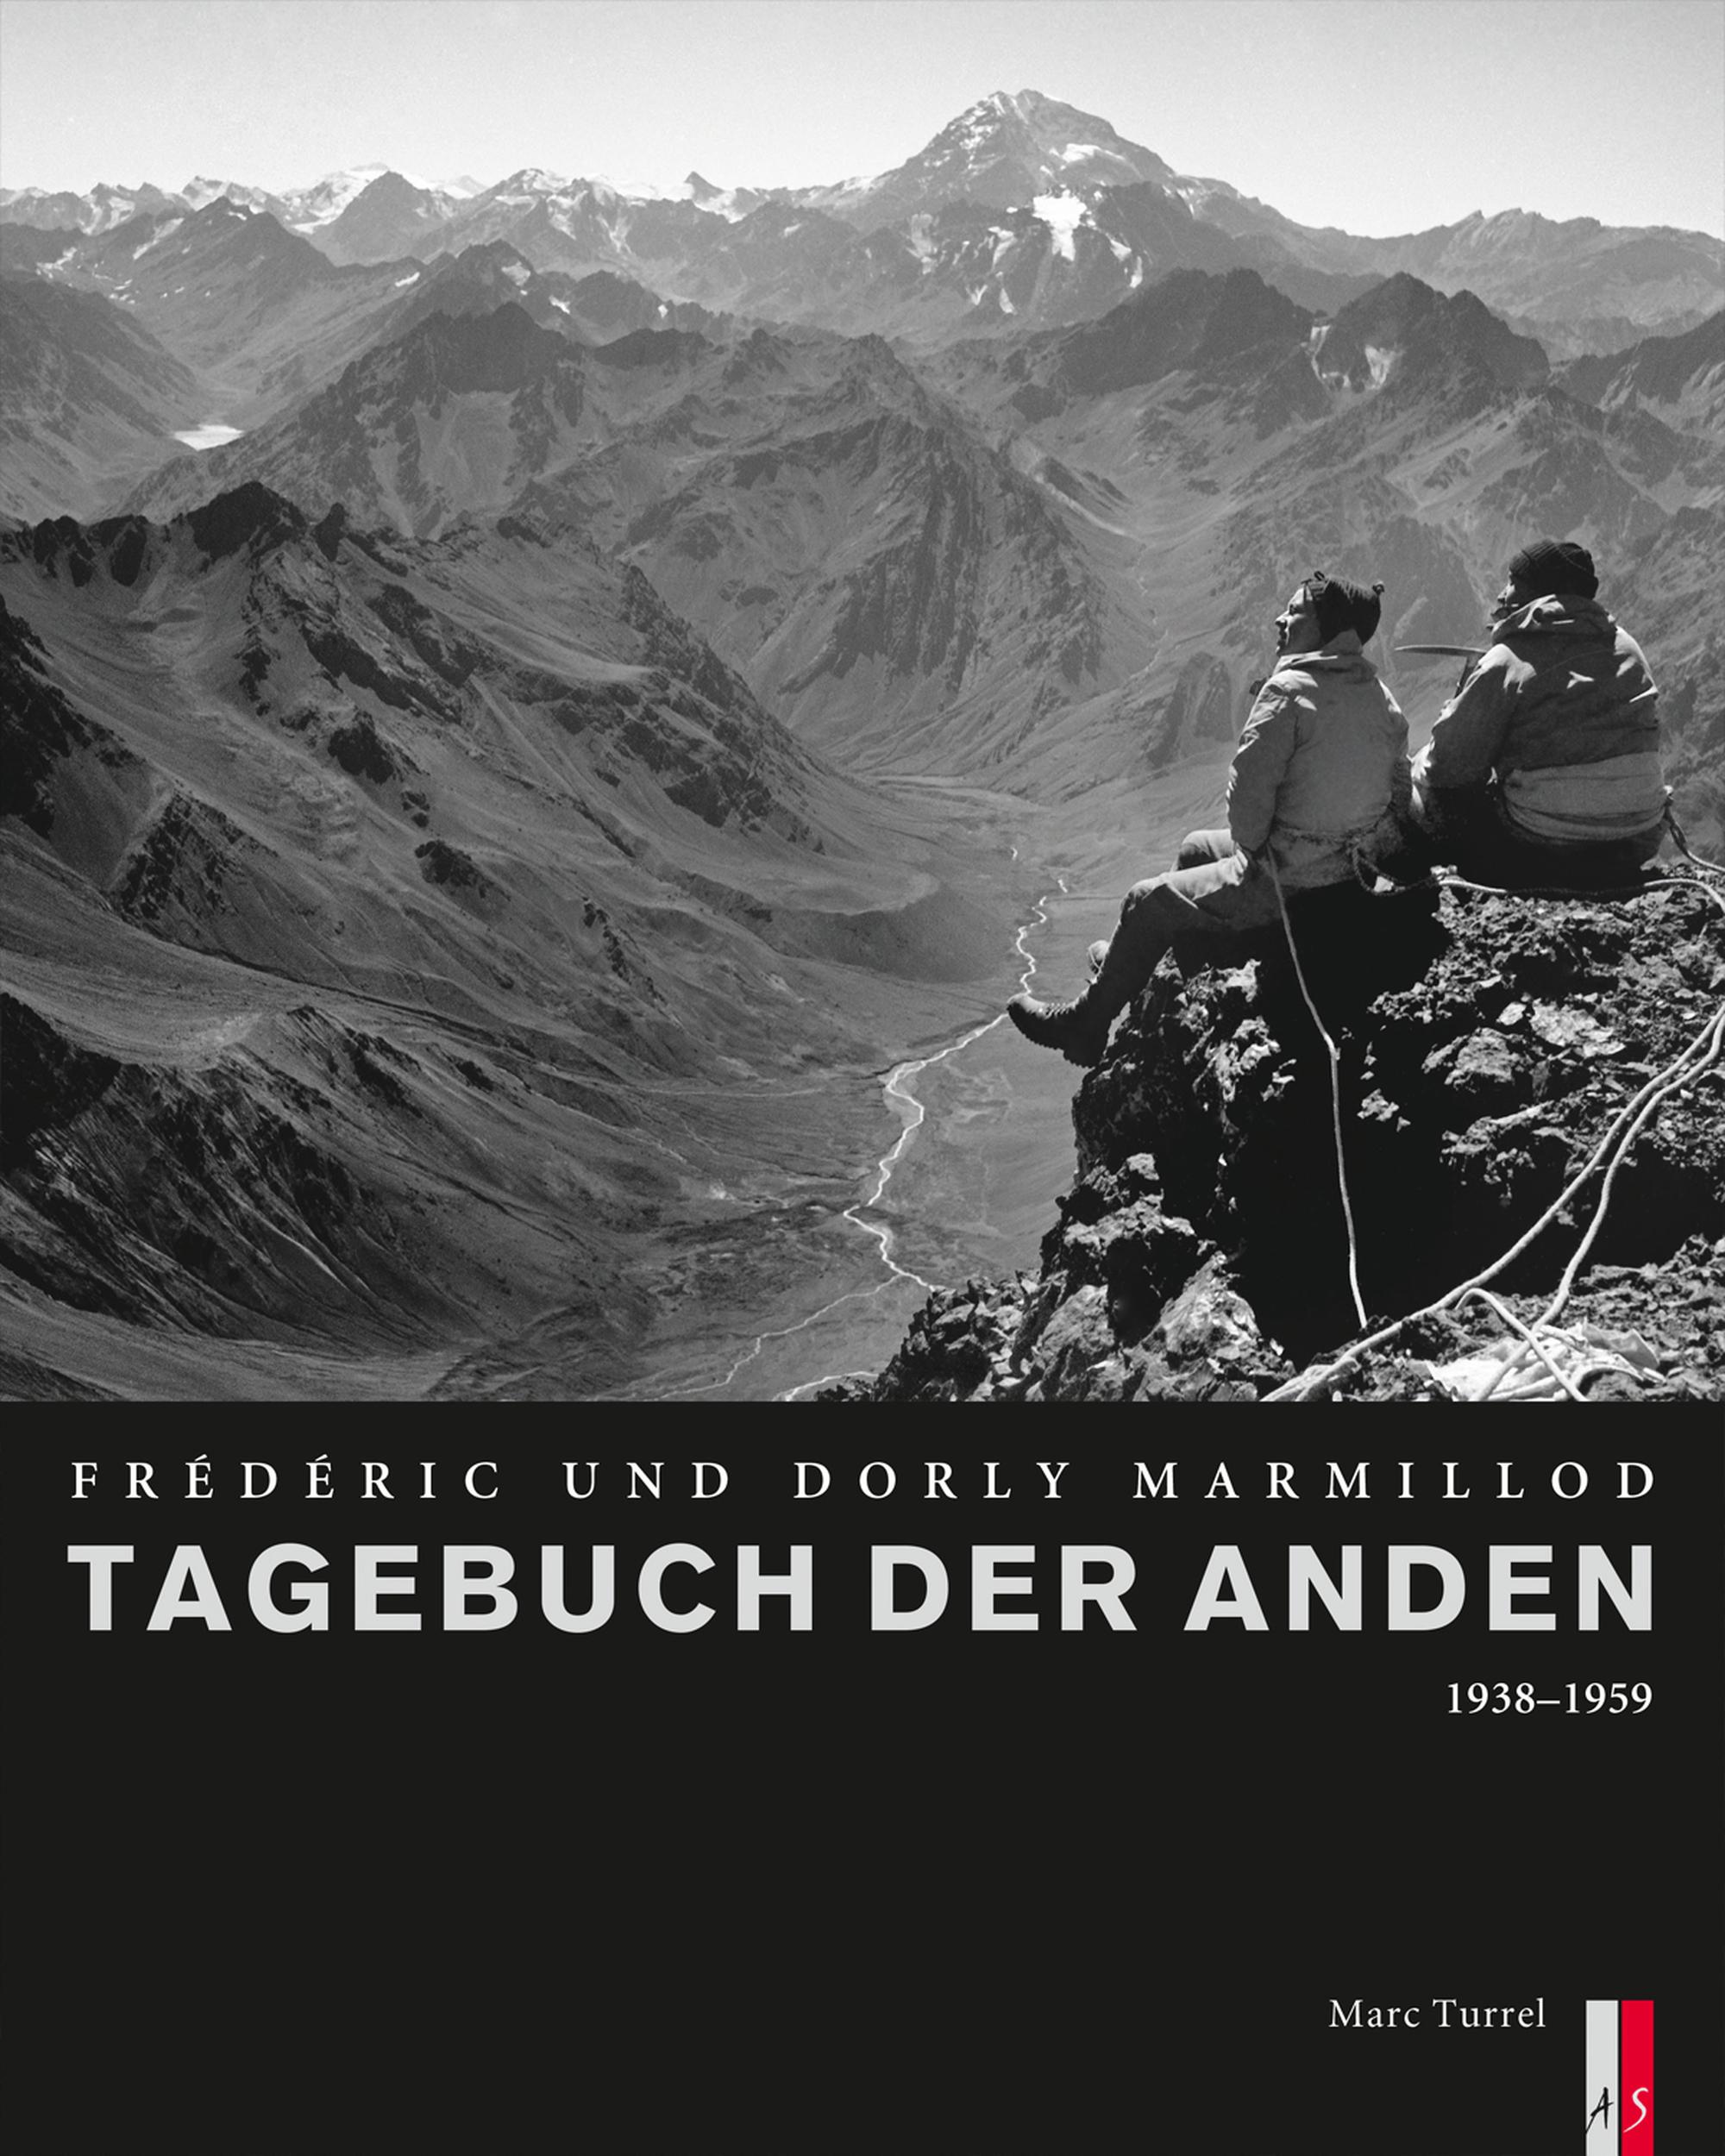 «Frédéric und Dorly Marmillod. Tagebuch der Anden. 1938-1959»